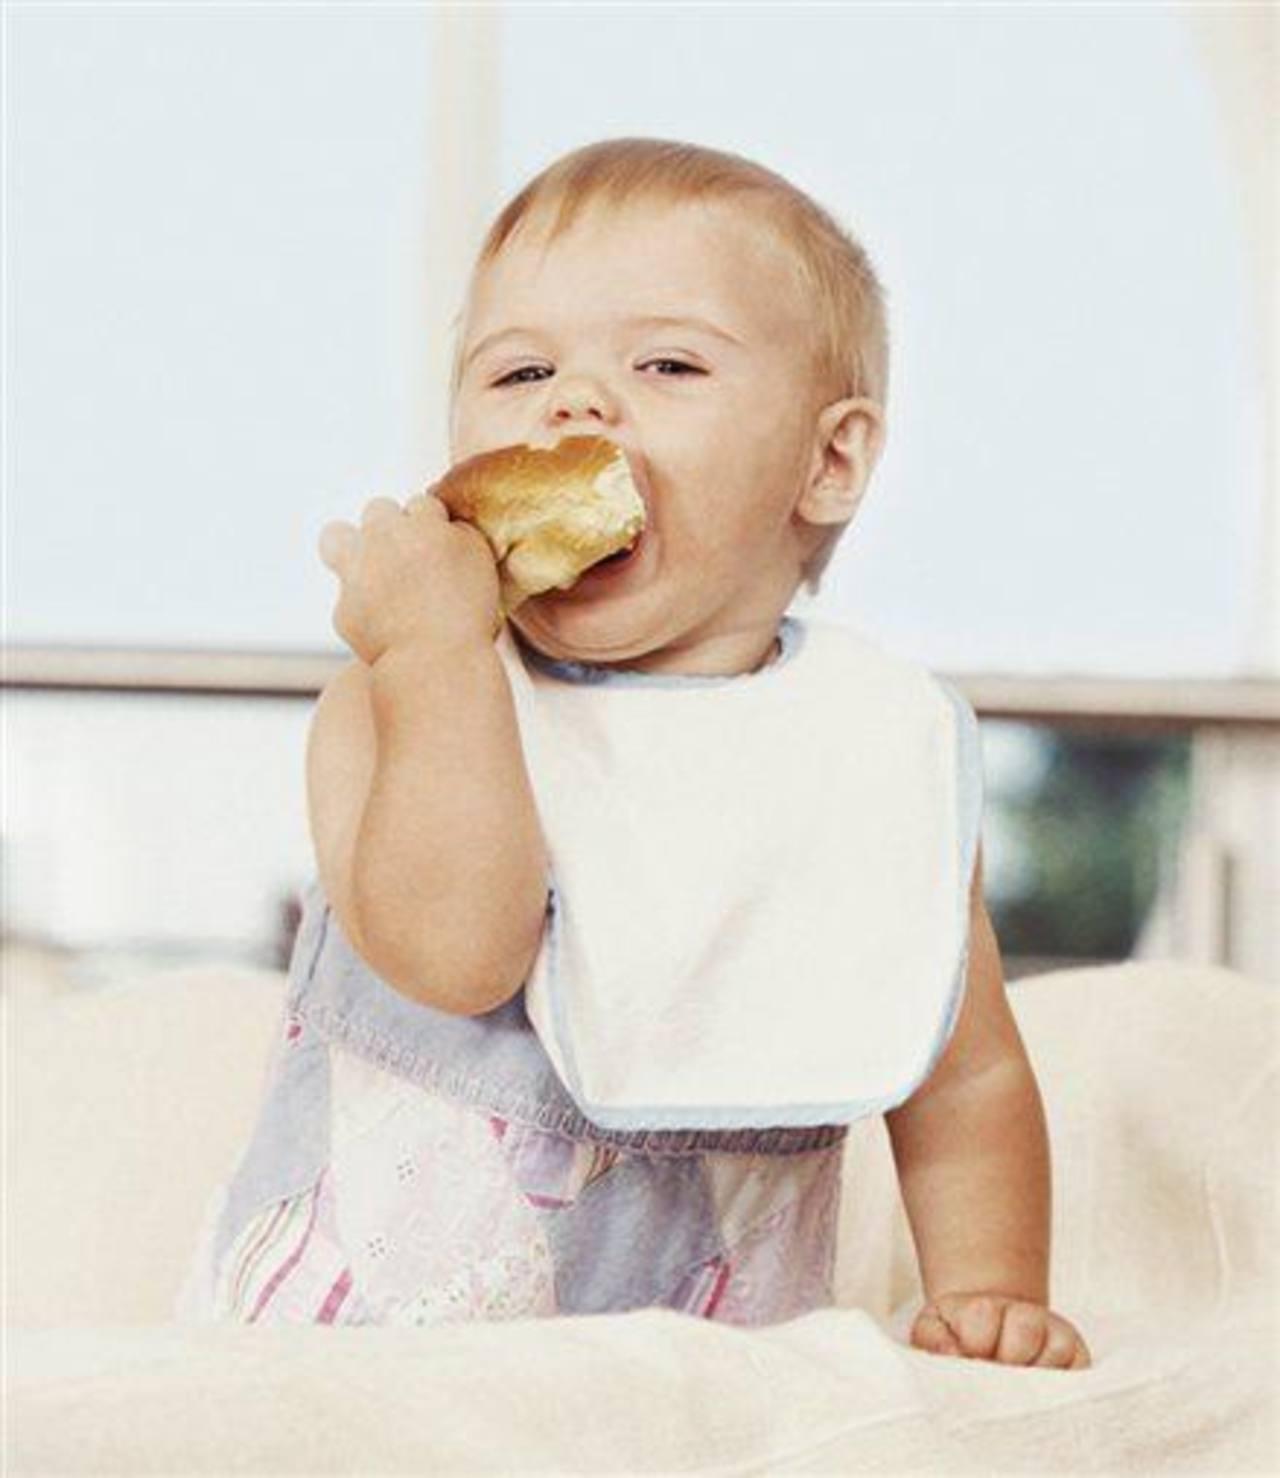 Incluir gluten a los 12 meses no previene la enfermedad.